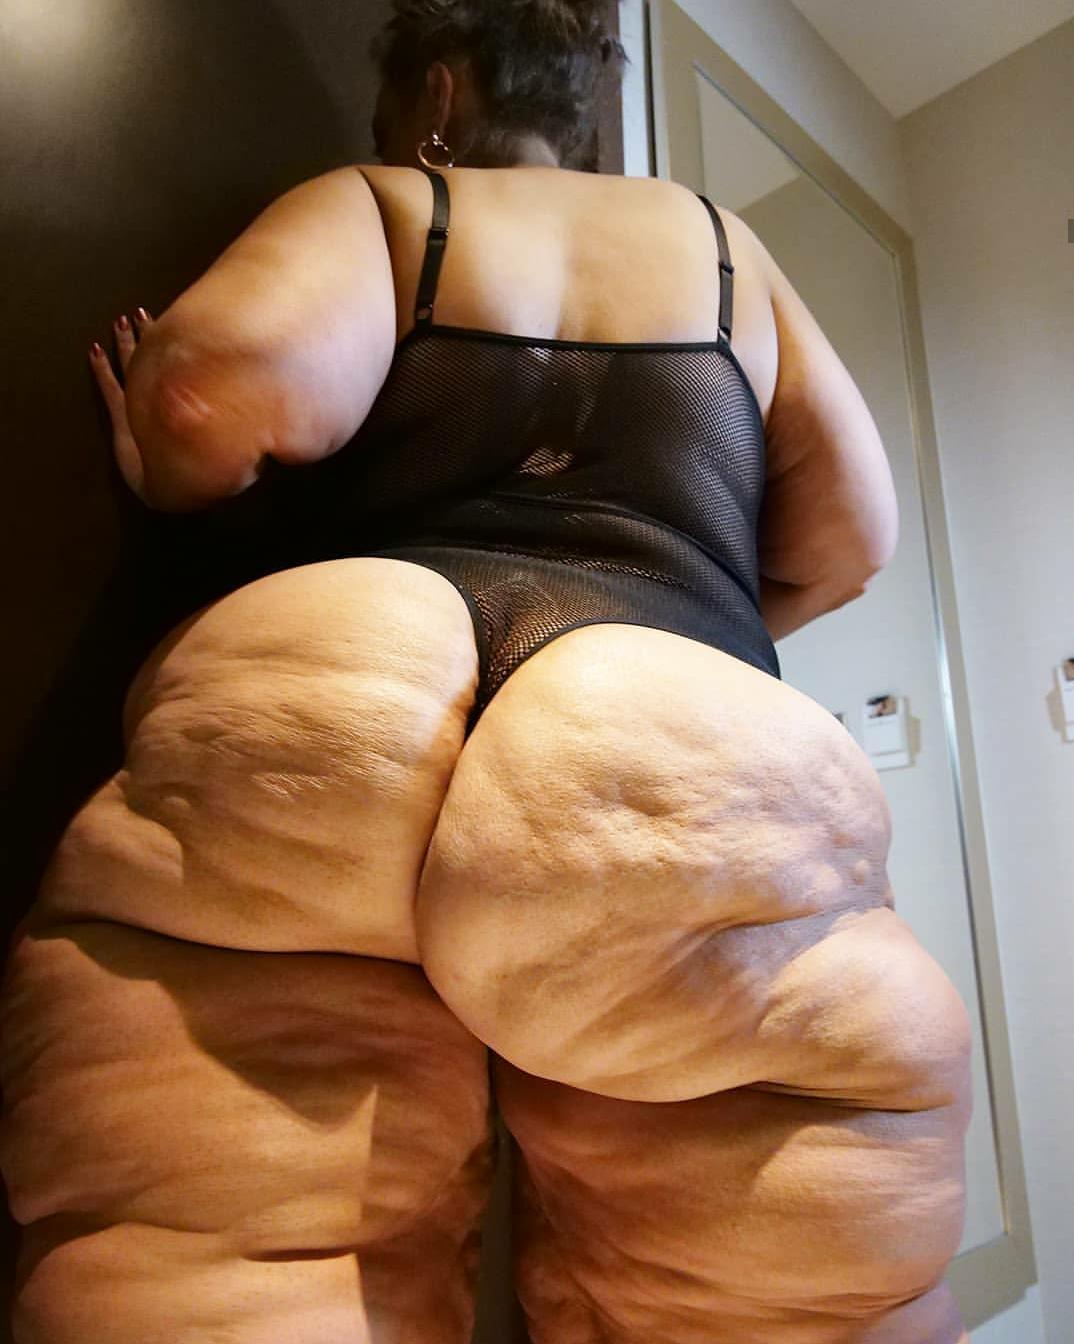 Thong ass pics